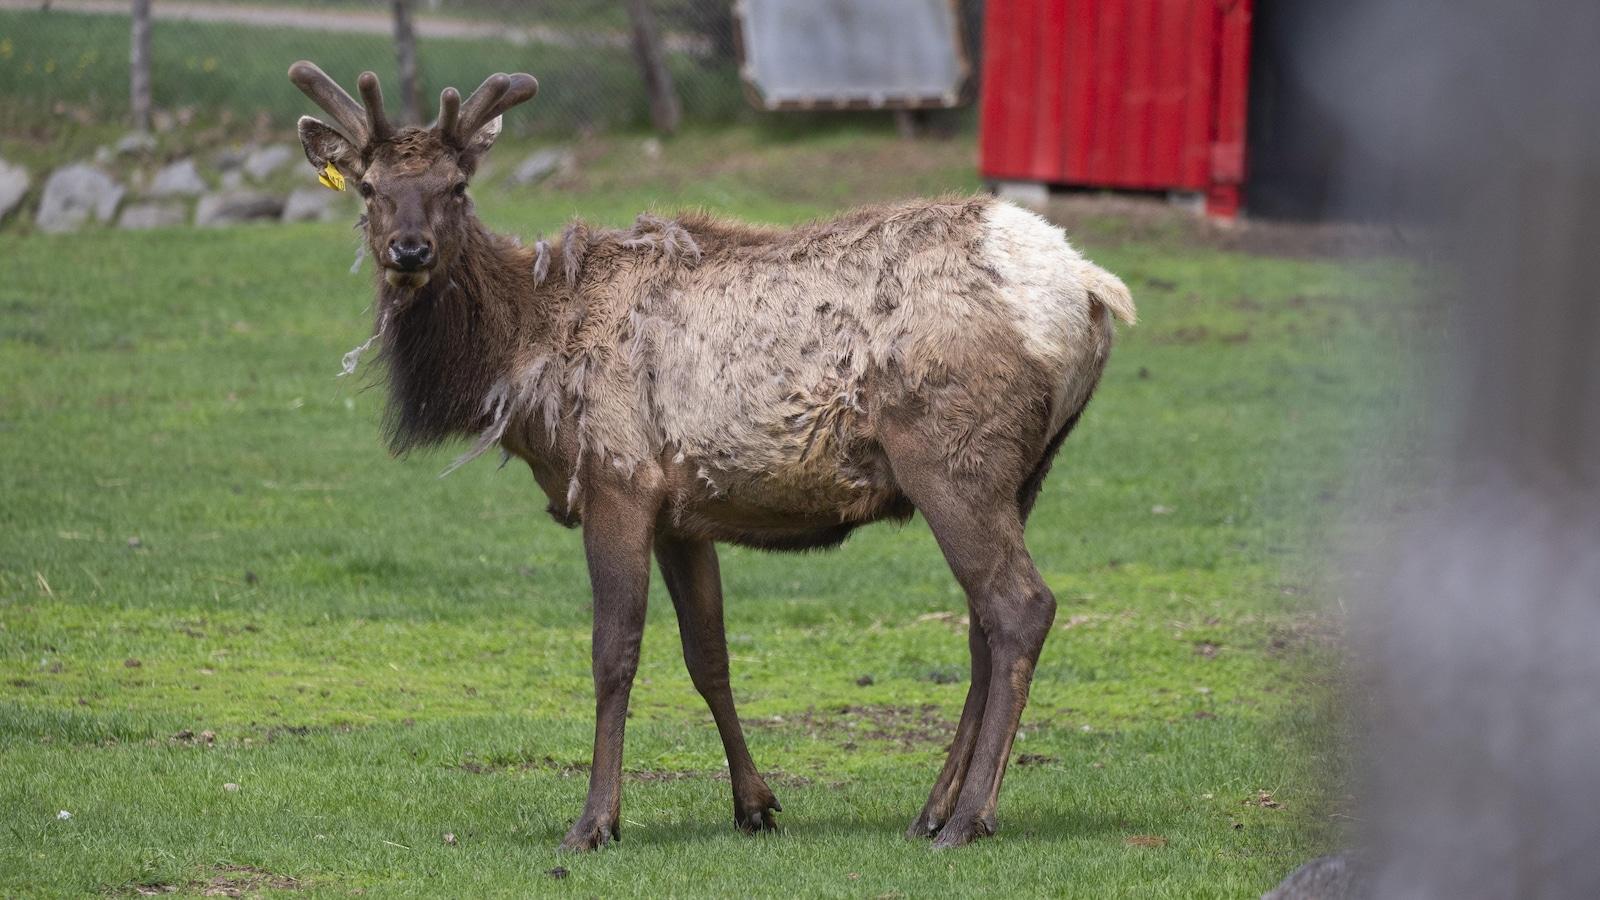 Intervention du SPCA pour s'occuper des animaux au zoo de  Saint-Edouard-de-Maskinongé. Plusieurs animaux sont toujours sur place.